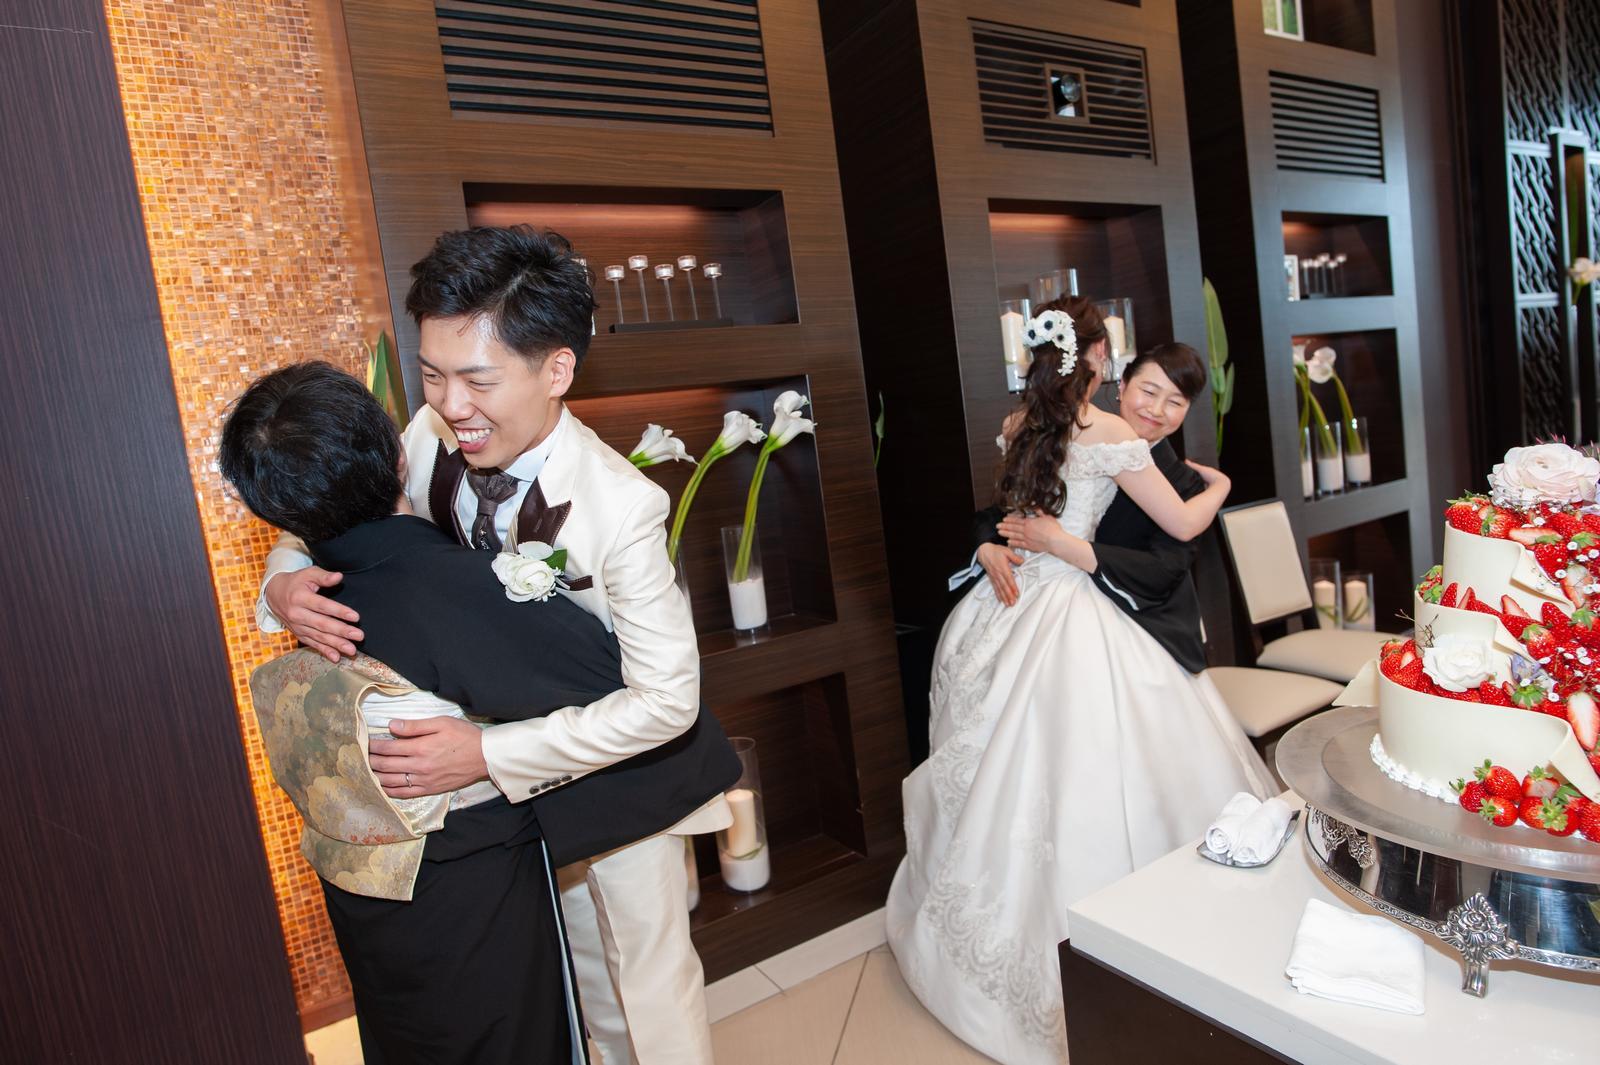 徳島県の結婚式場ブランアンジュで母と抱き合う新郎新婦